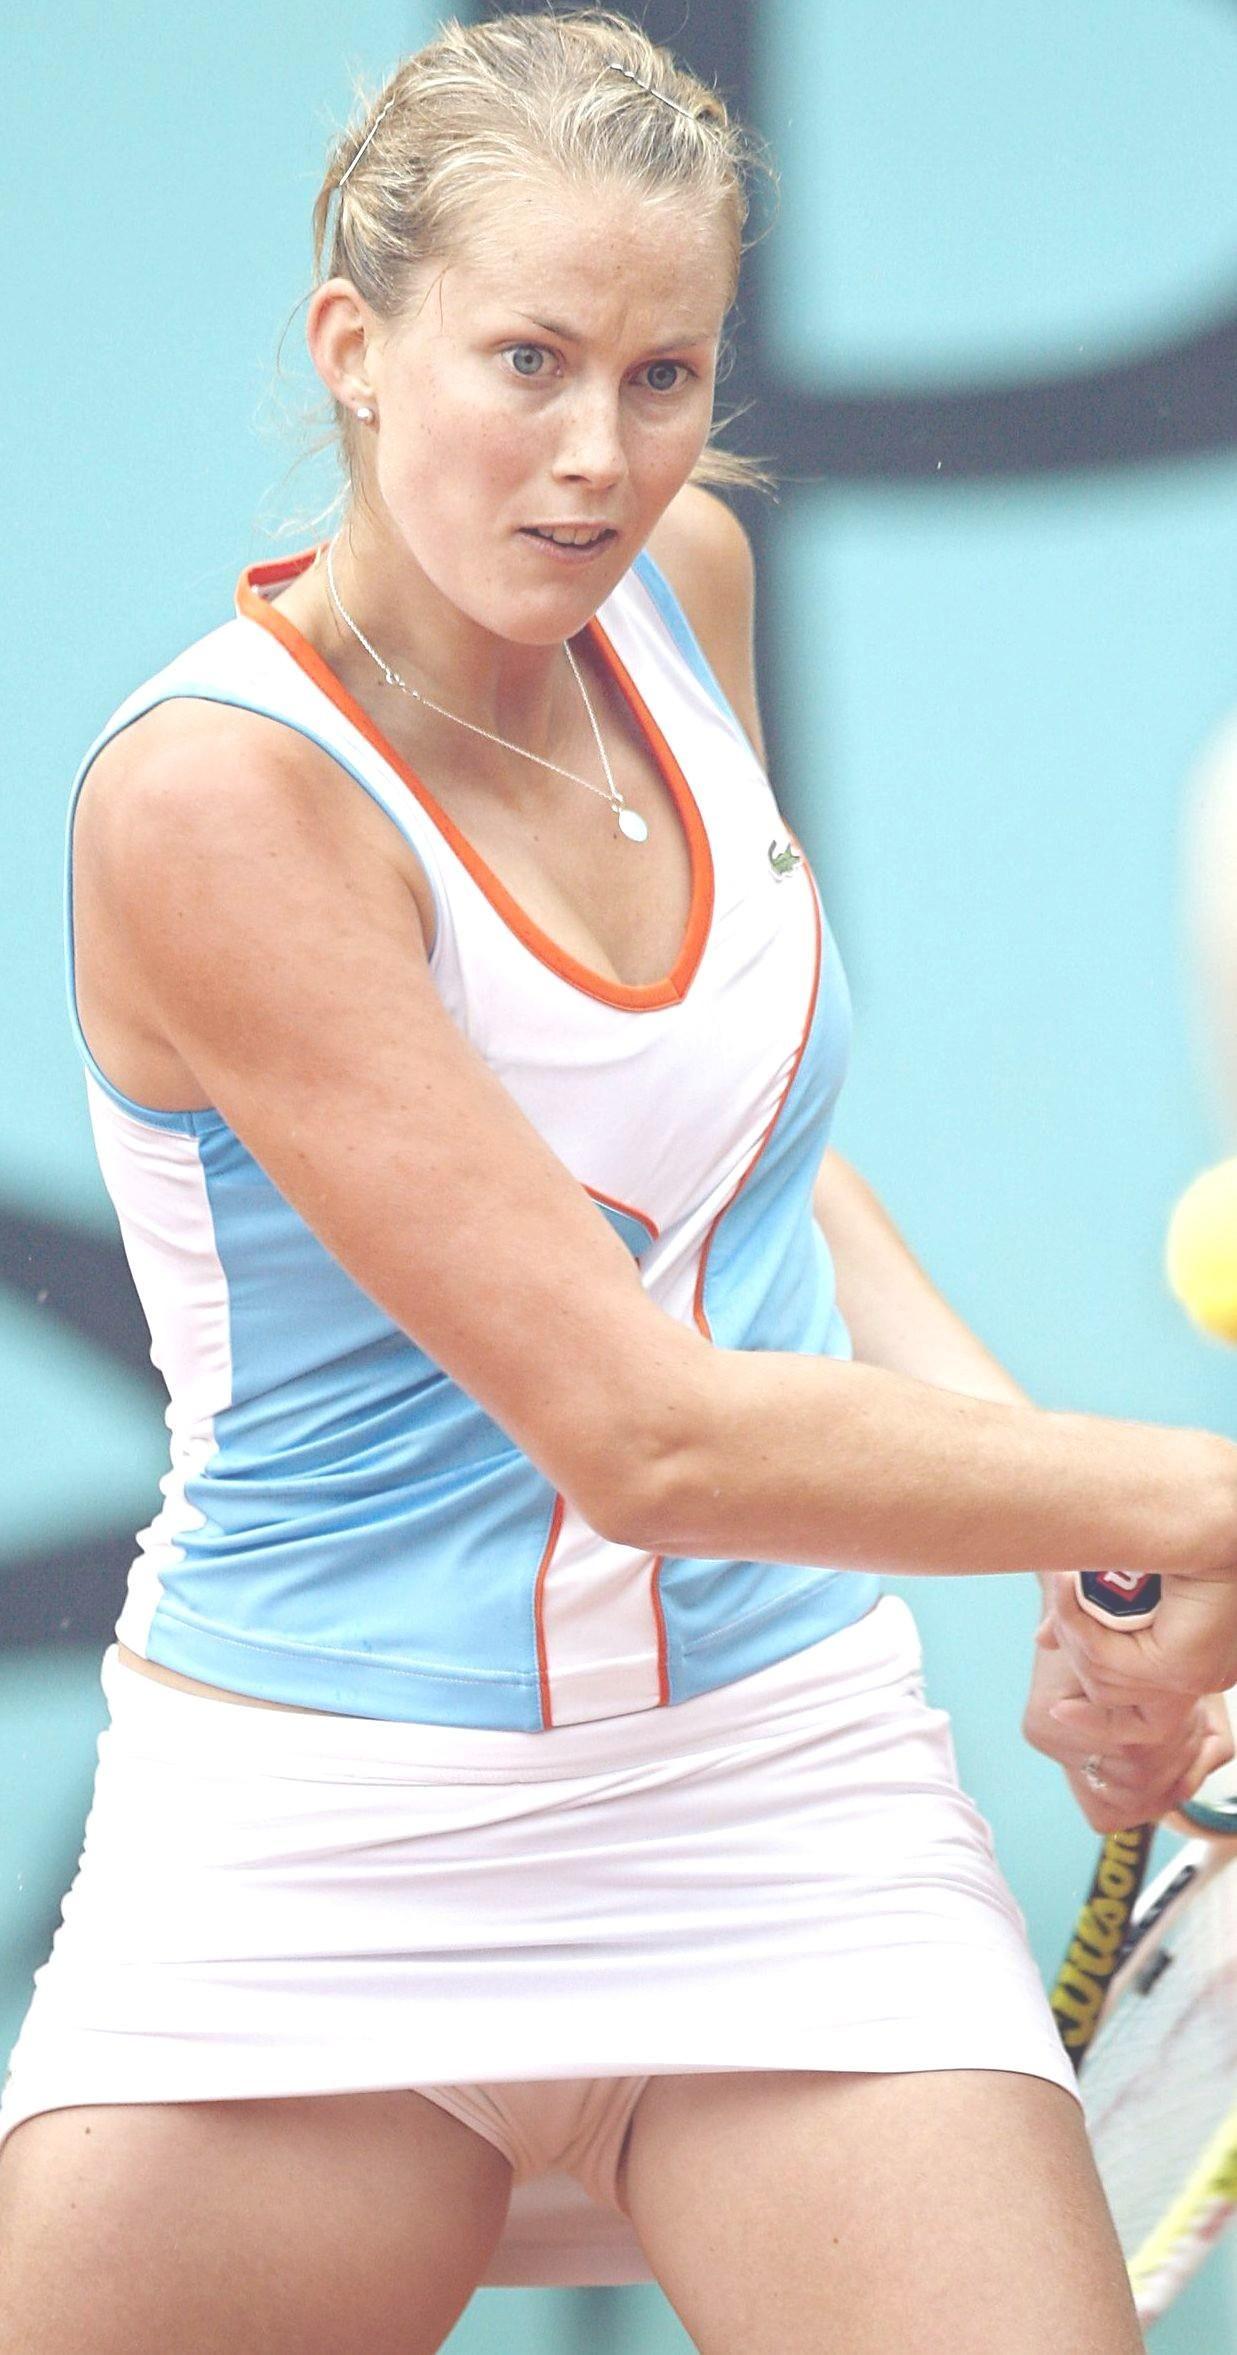 Засветов теннисисток фото